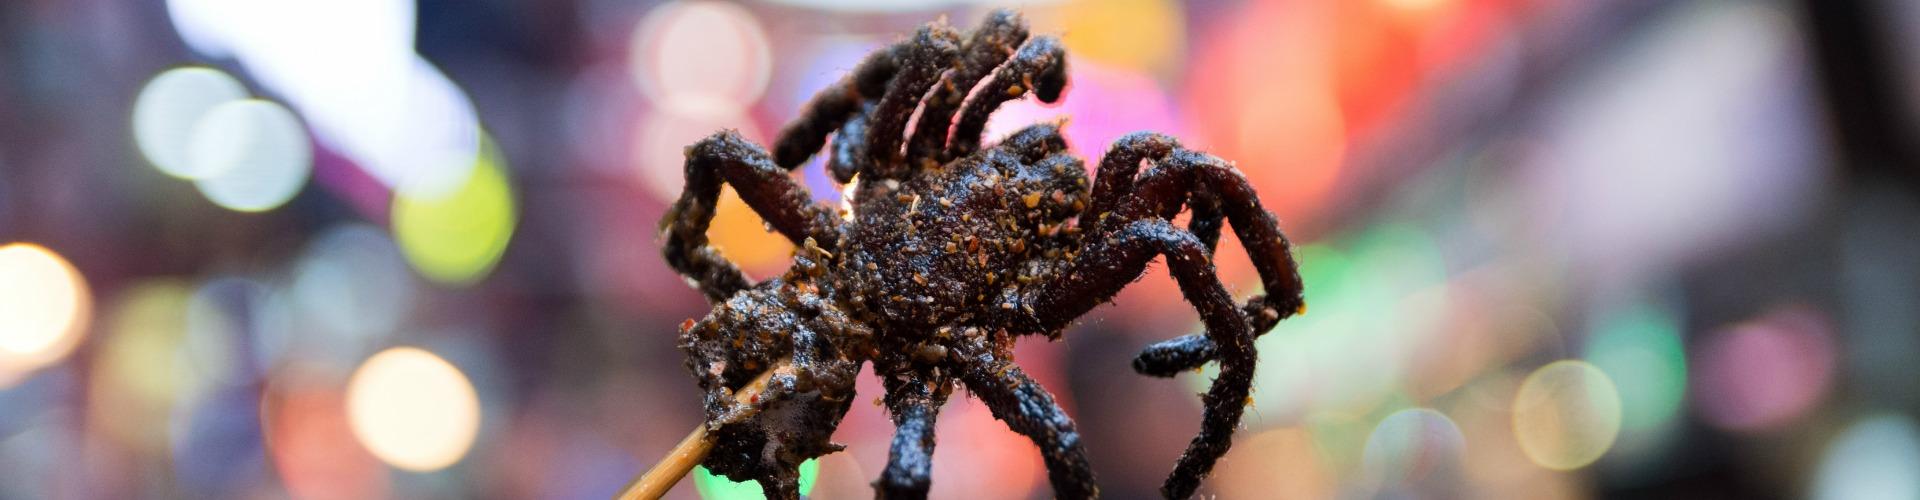 cambridge food tour tarantula